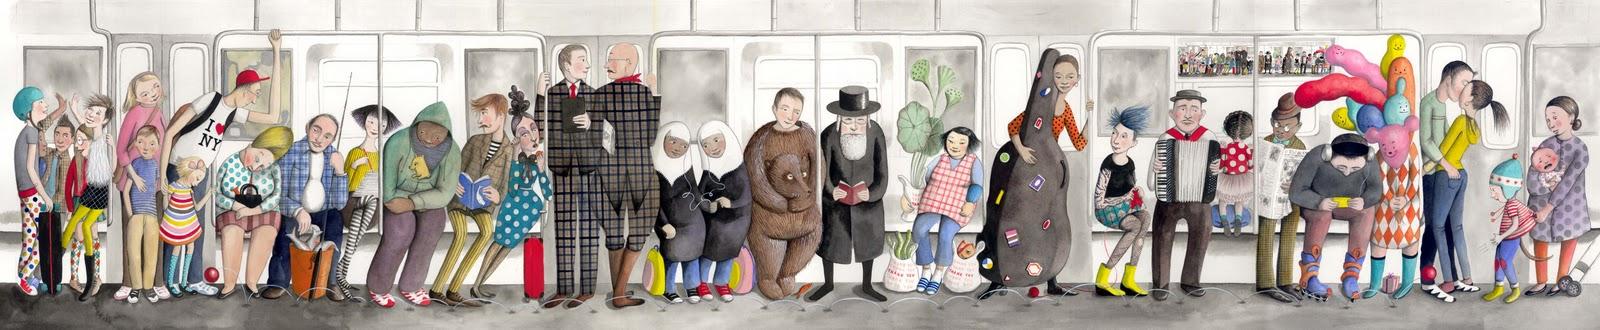 http://1.bp.blogspot.com/-oPQAaytieOs/UH0jLF8tGQI/AAAAAAAAOfA/WSAyyzV-esA/s1600/Sophie-Blackall_Subway-Art1.jpg